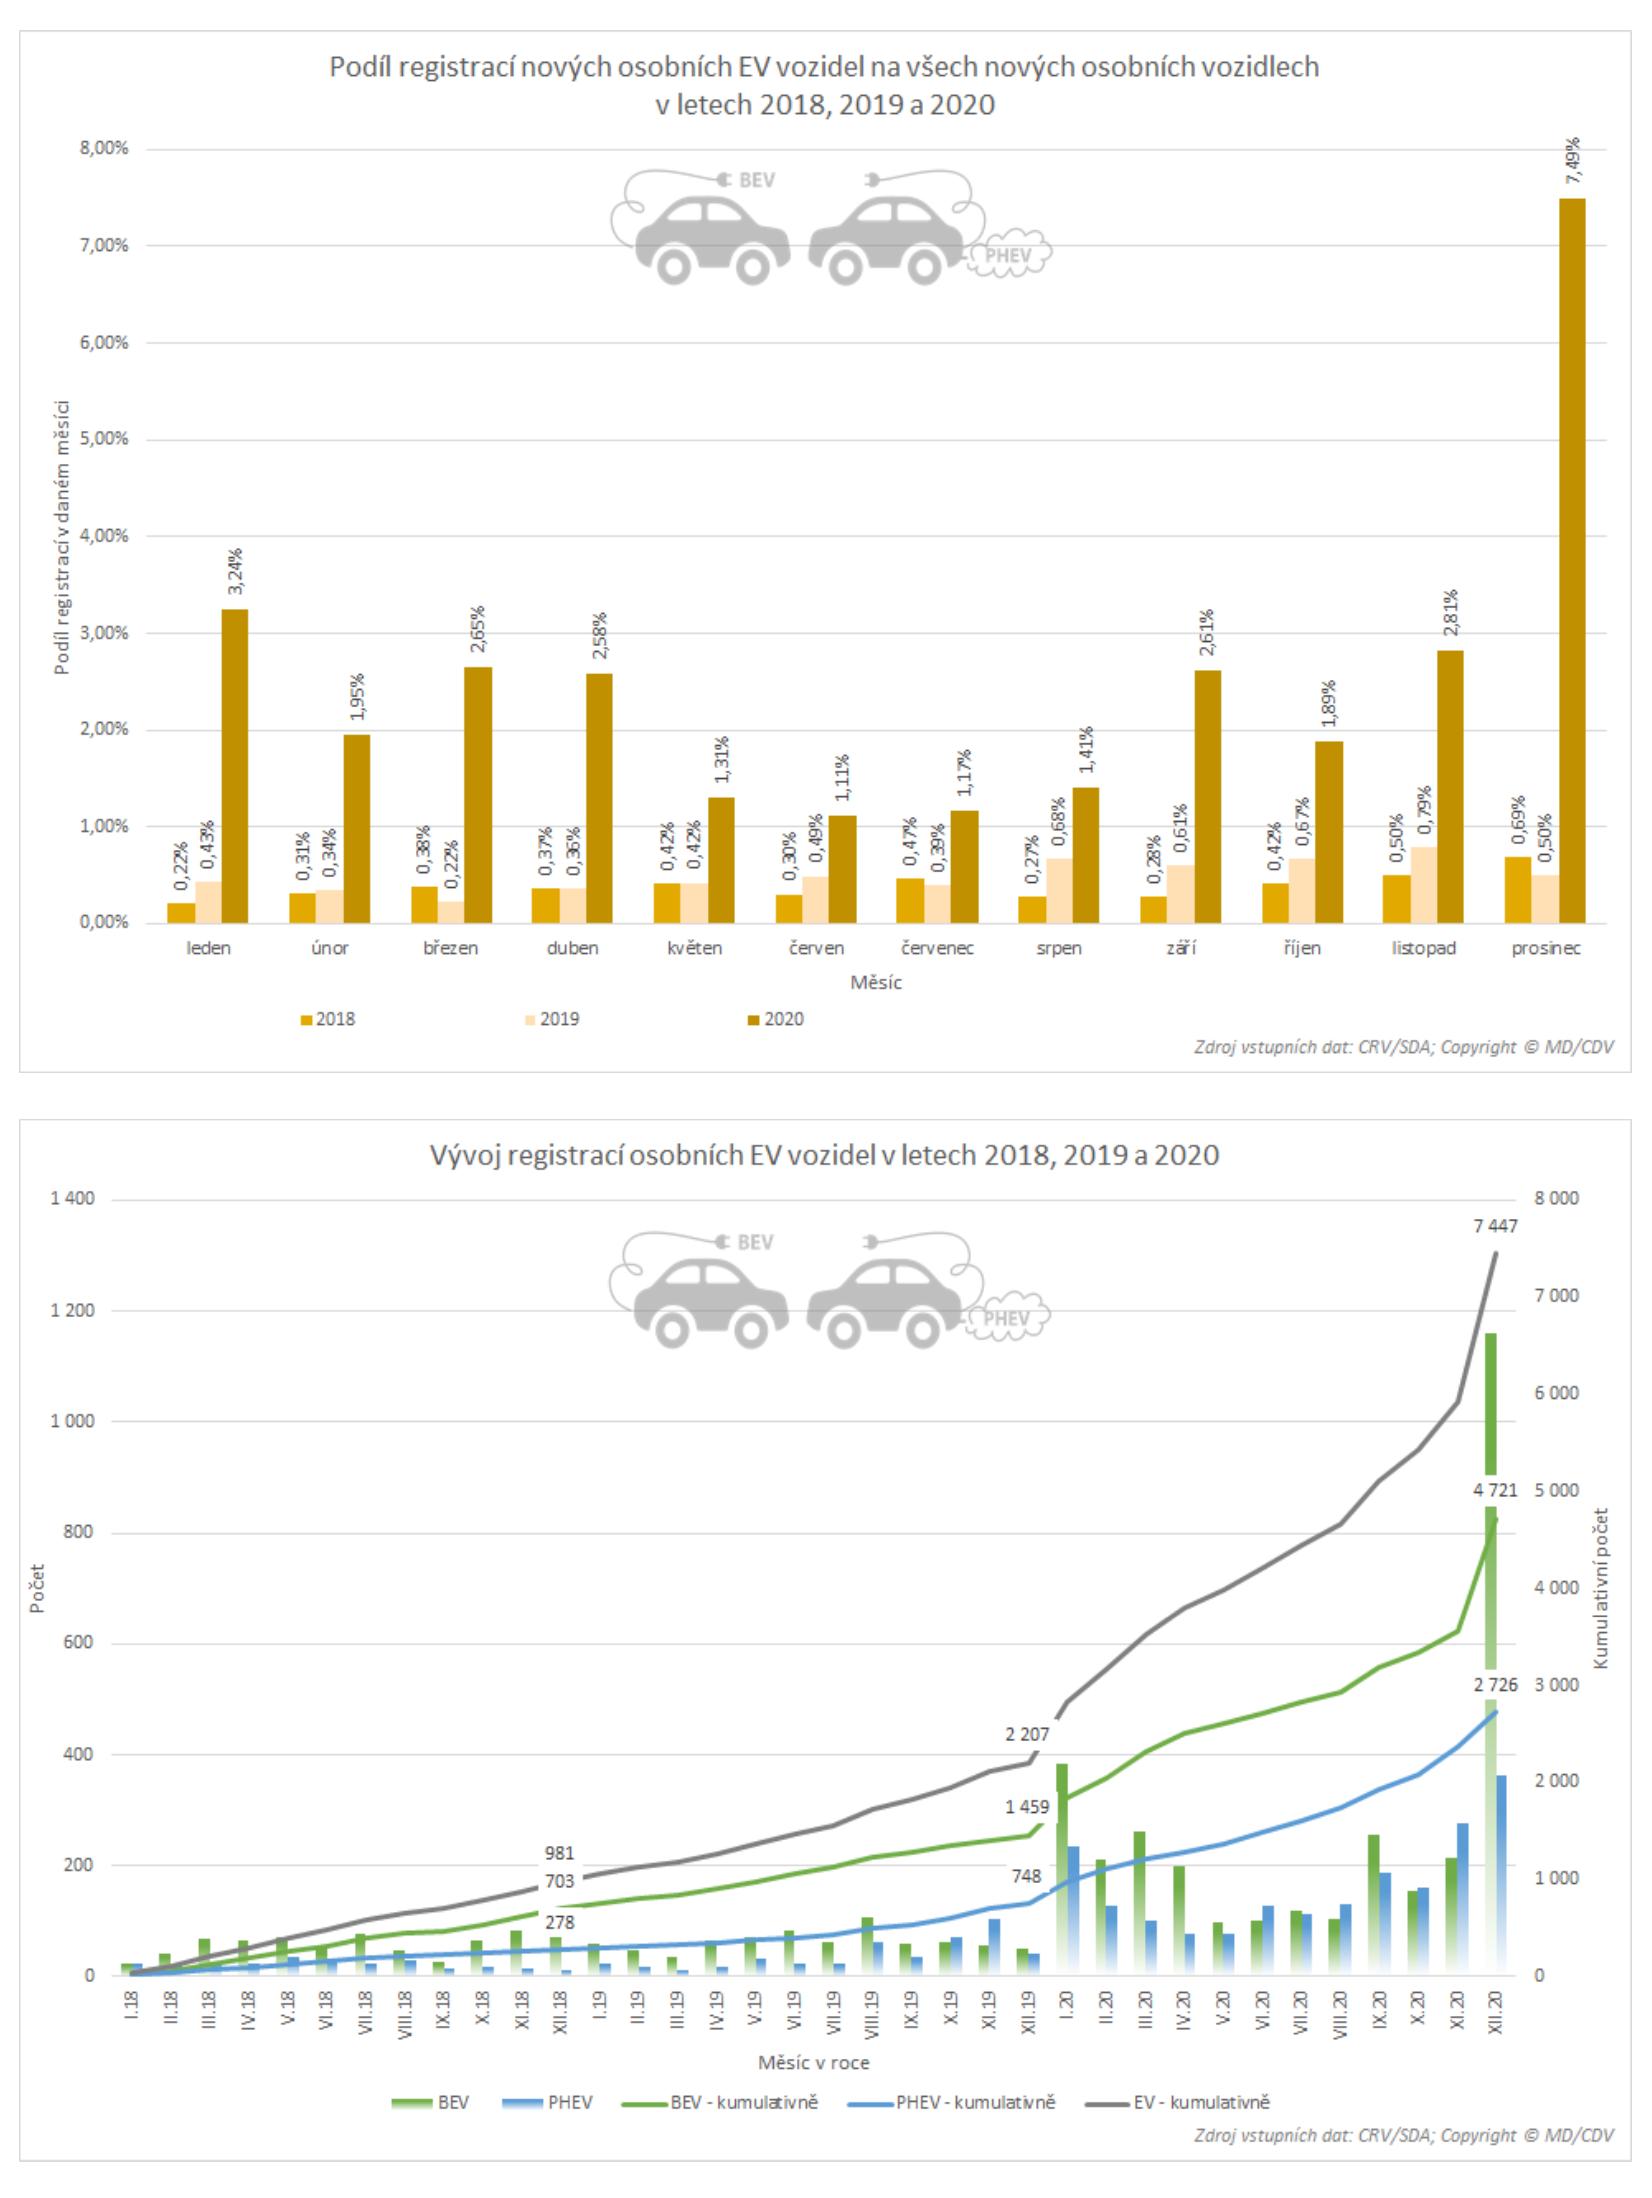 TZ: V roce 2020 bylo v ČR registrováno přes 5 tisíc nových osobních elektrických vozidel 08